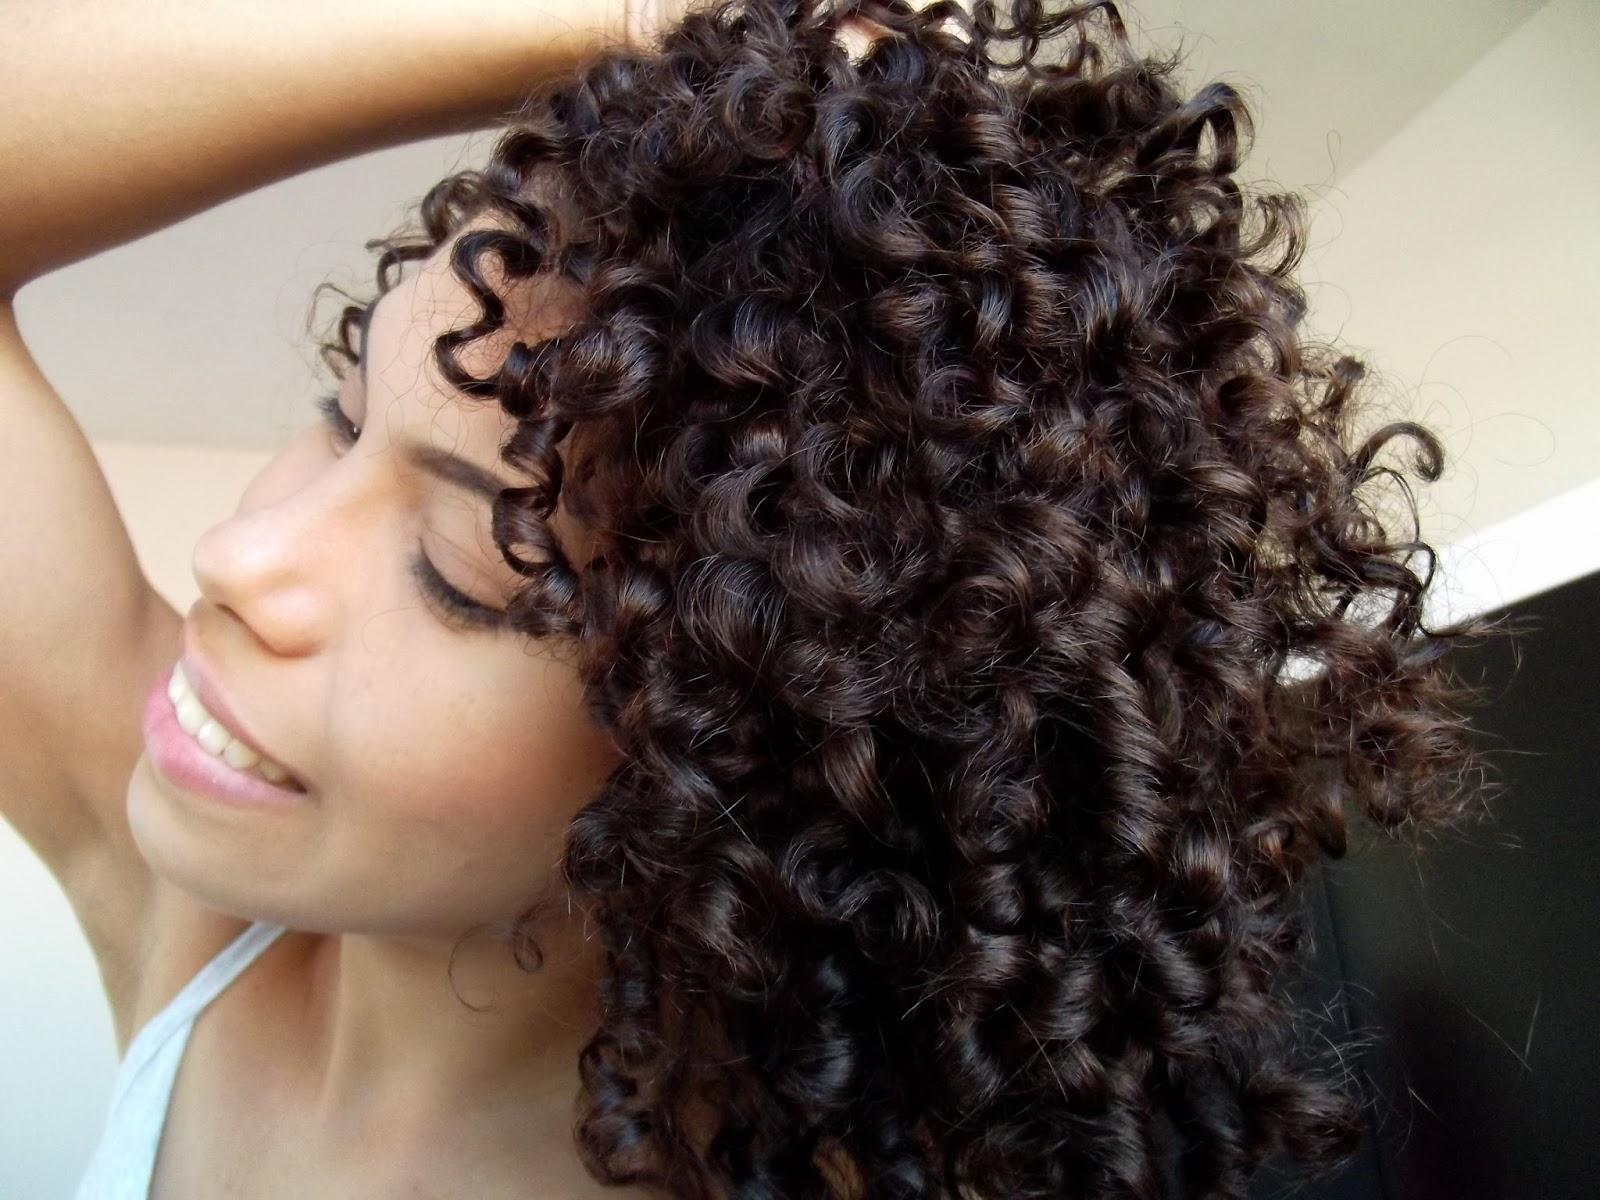 Resenha - Tudo de Bom da Novex, novex ,embelleze, resenha ,kahchear ,kahena kévya ,kahena, produto barato multifuncional para cabelo, creme para todo tipo de cabelo,